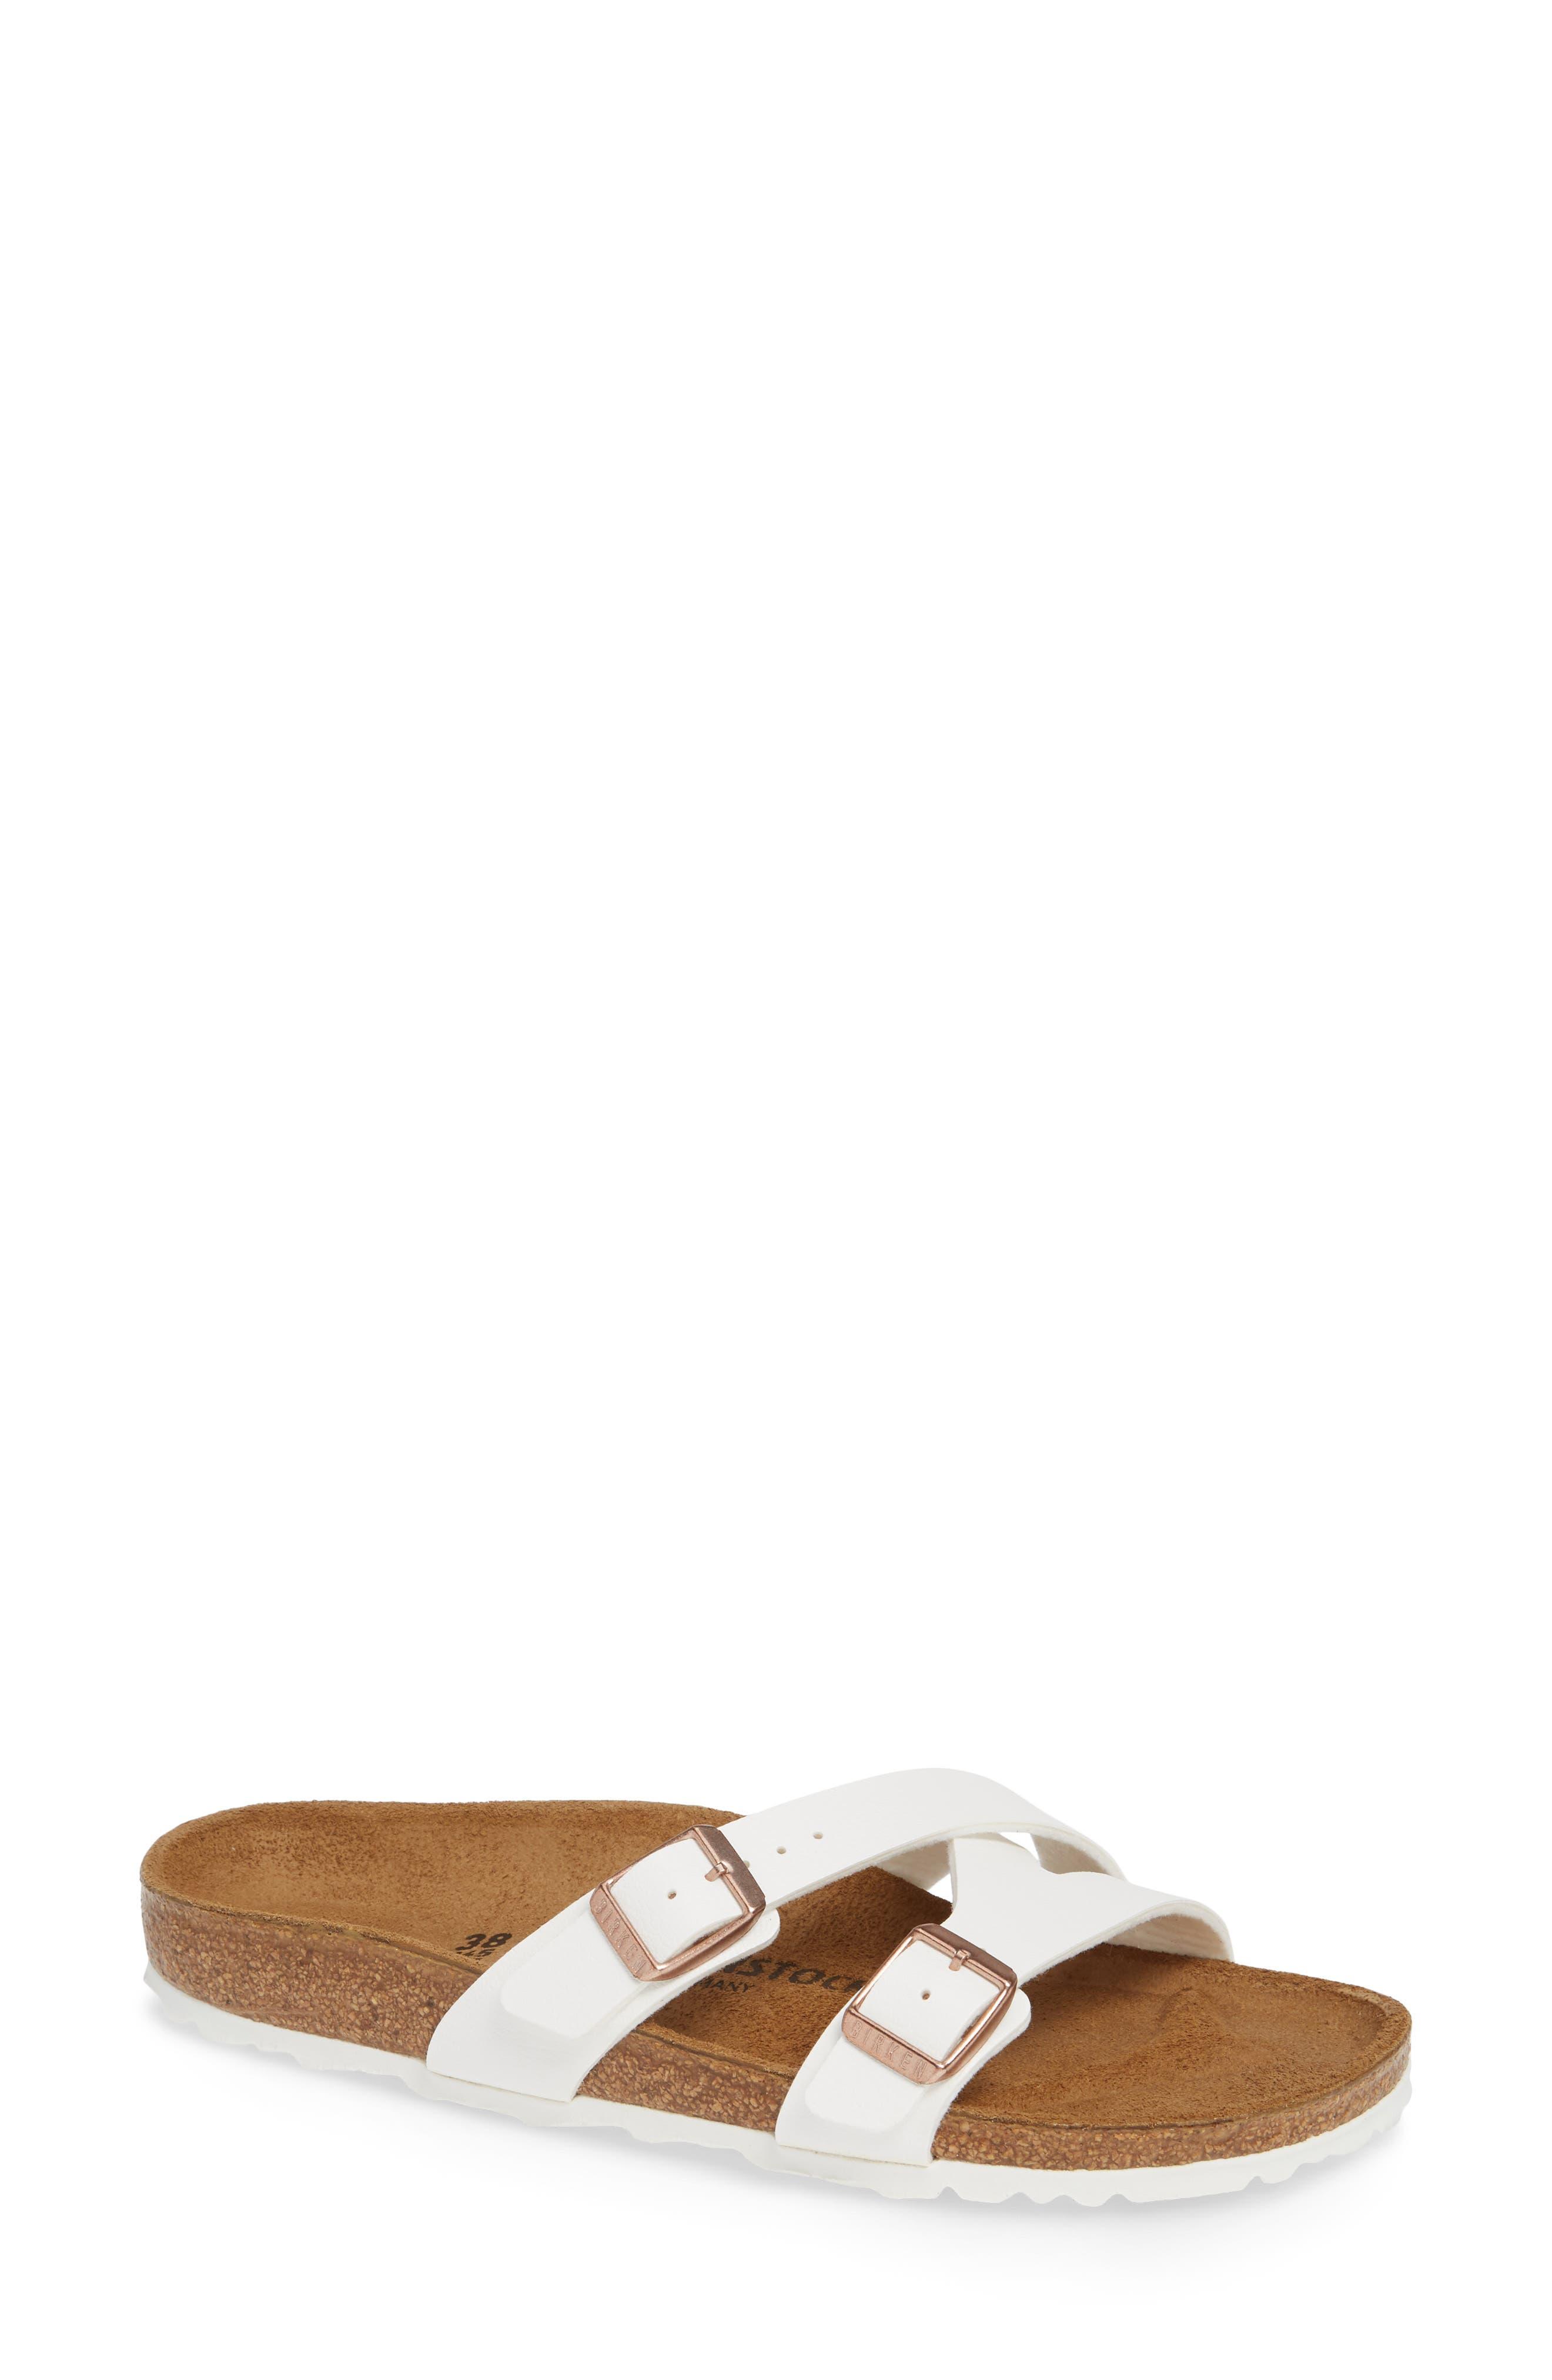 Birkenstock Yao Slide Sandal, White